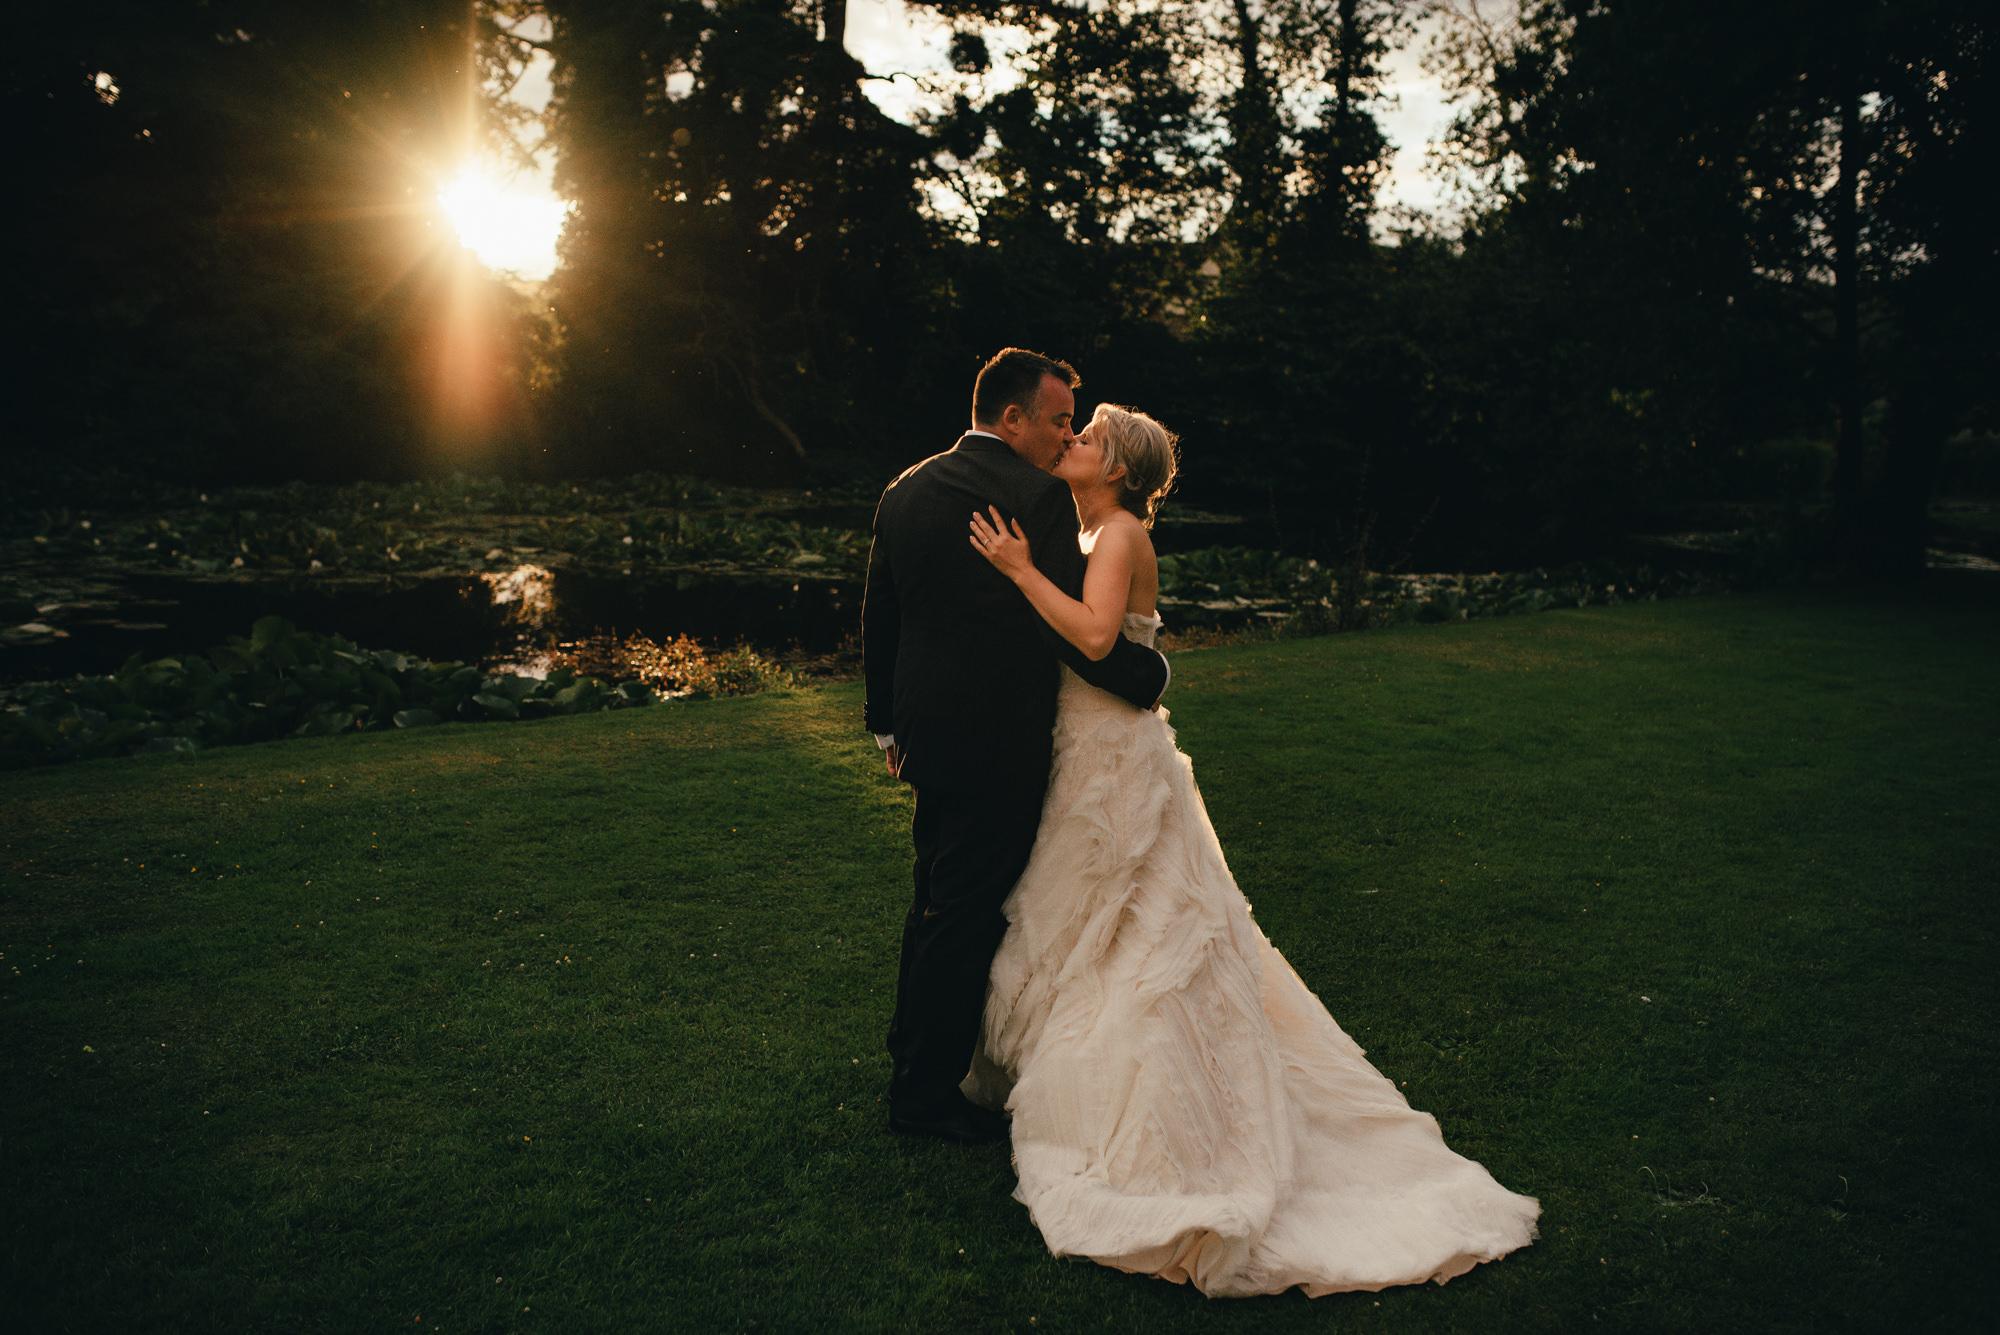 Brinsop Court Wedding Photography86